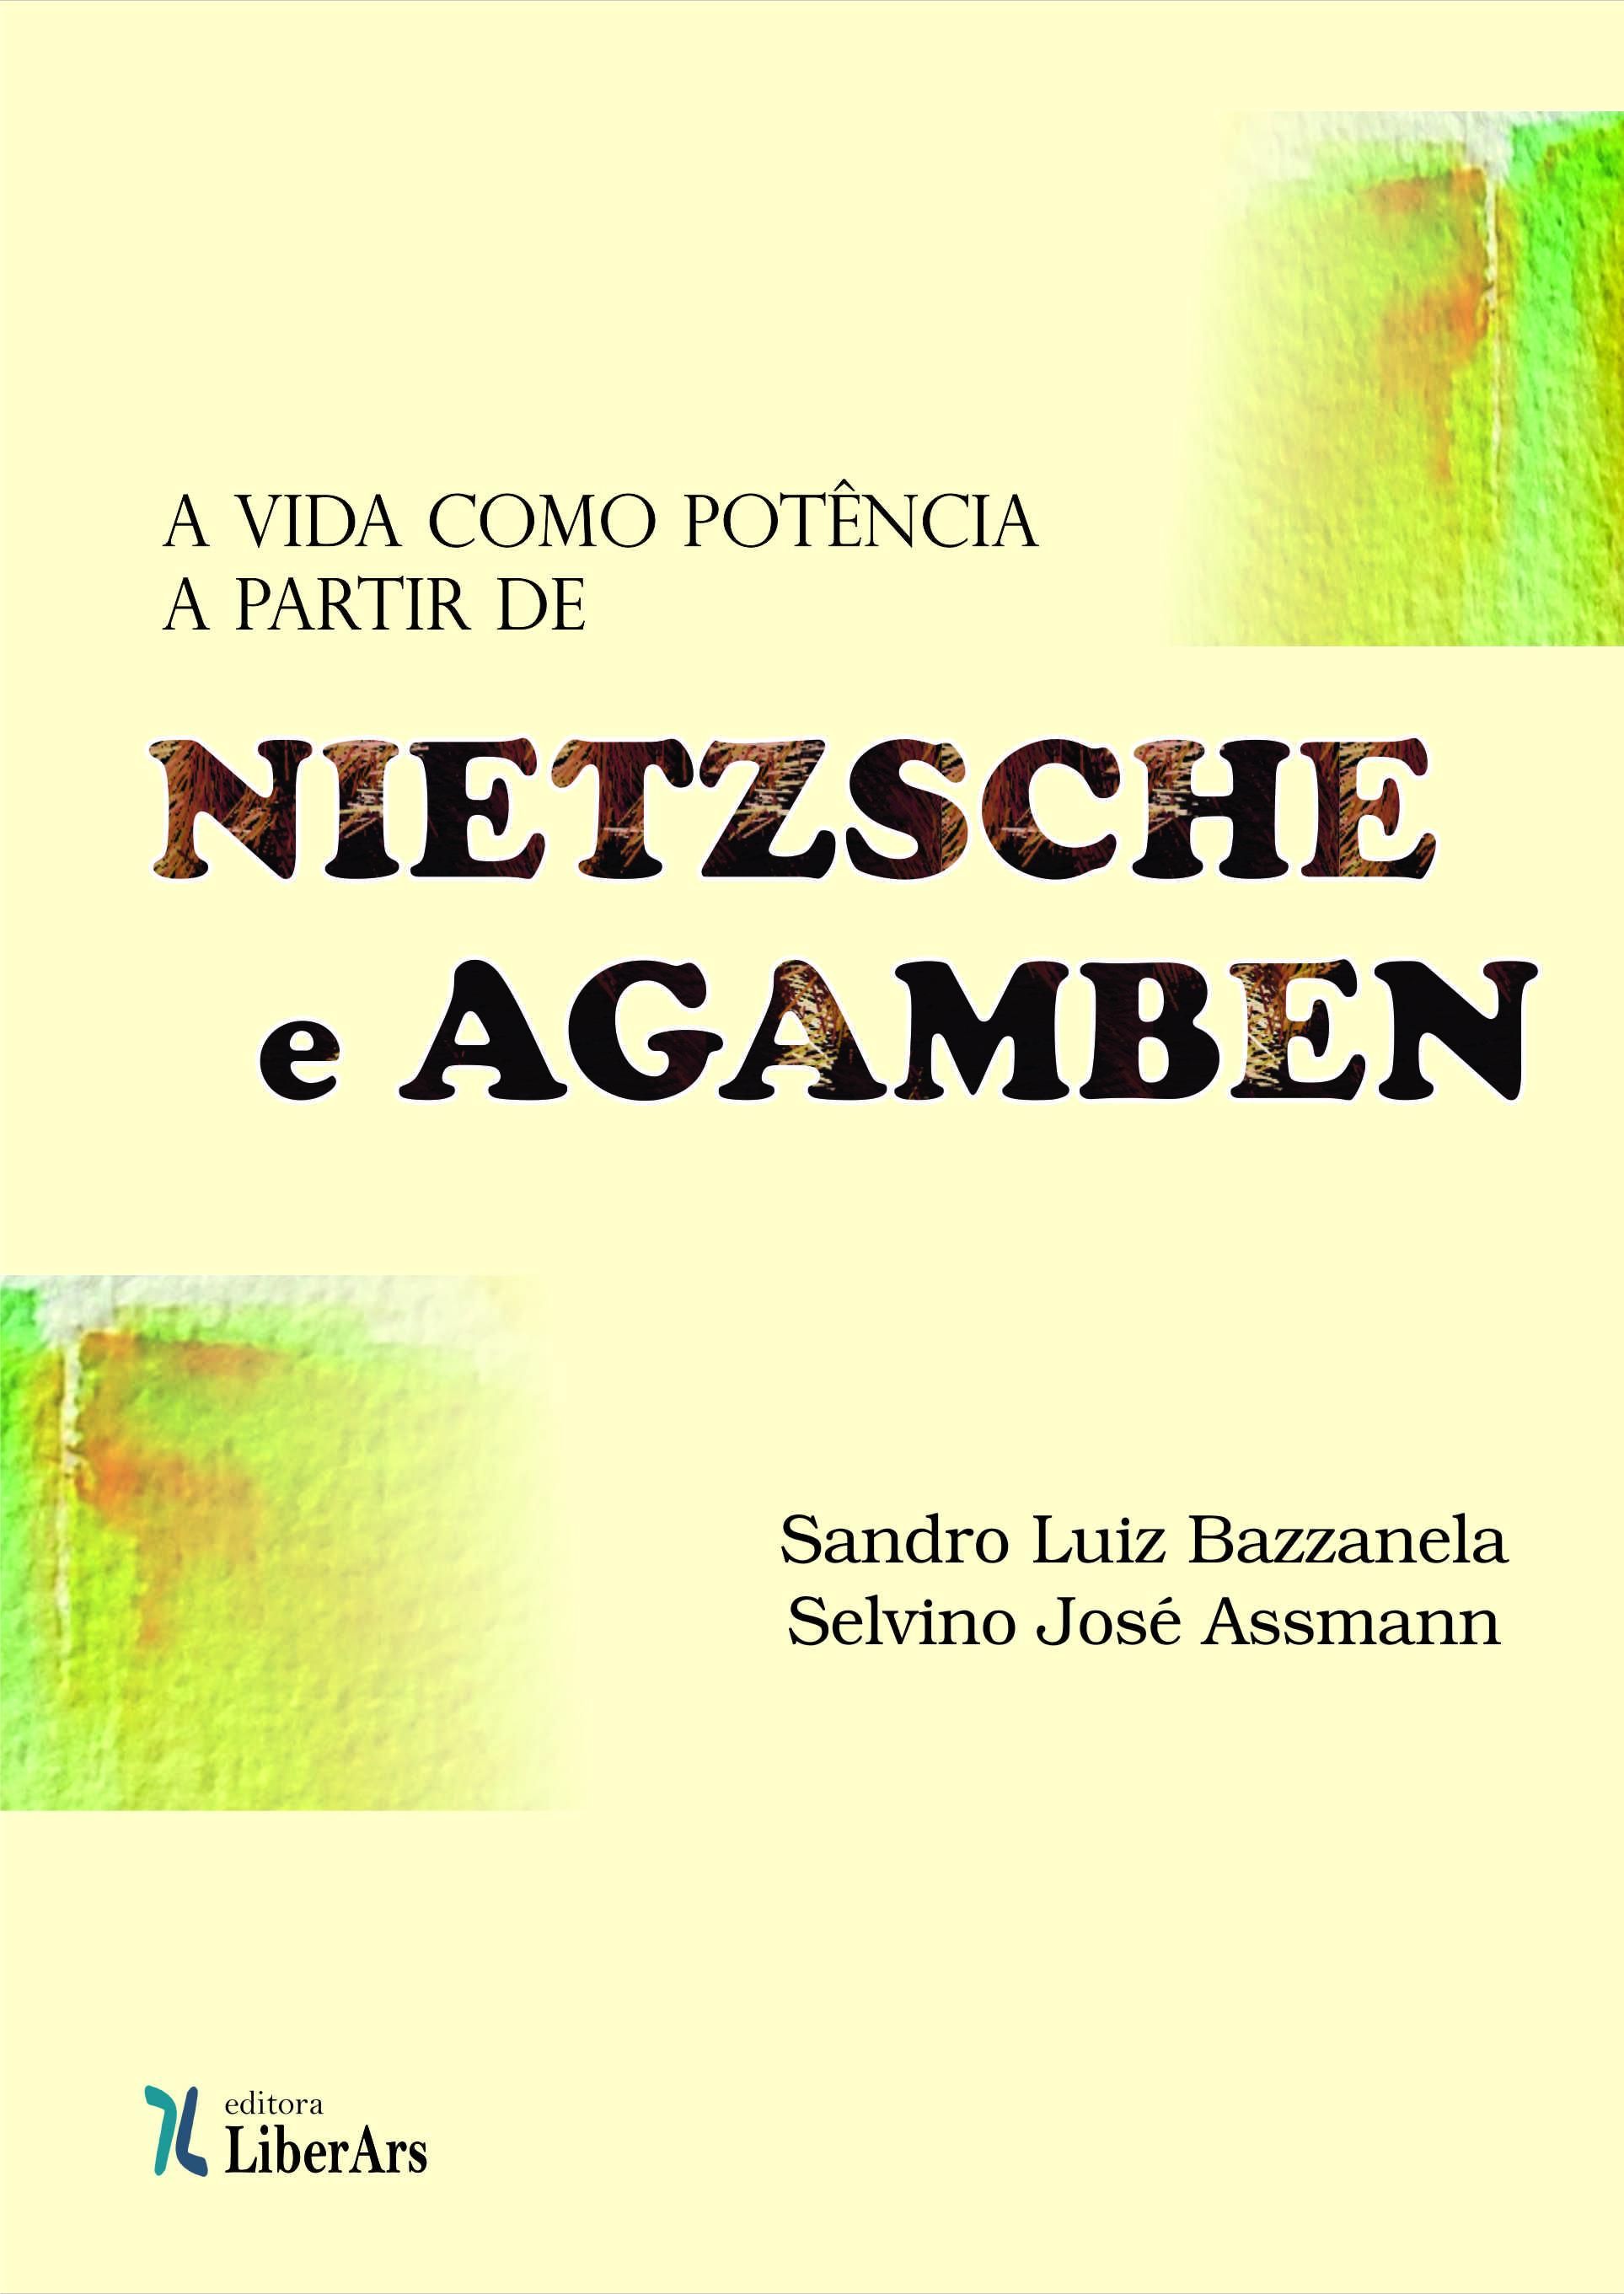 A vida como potência a partir de Nietzsche e Agamben, livro de Selvino José Assmann, Sandro Luiz Bazzanella